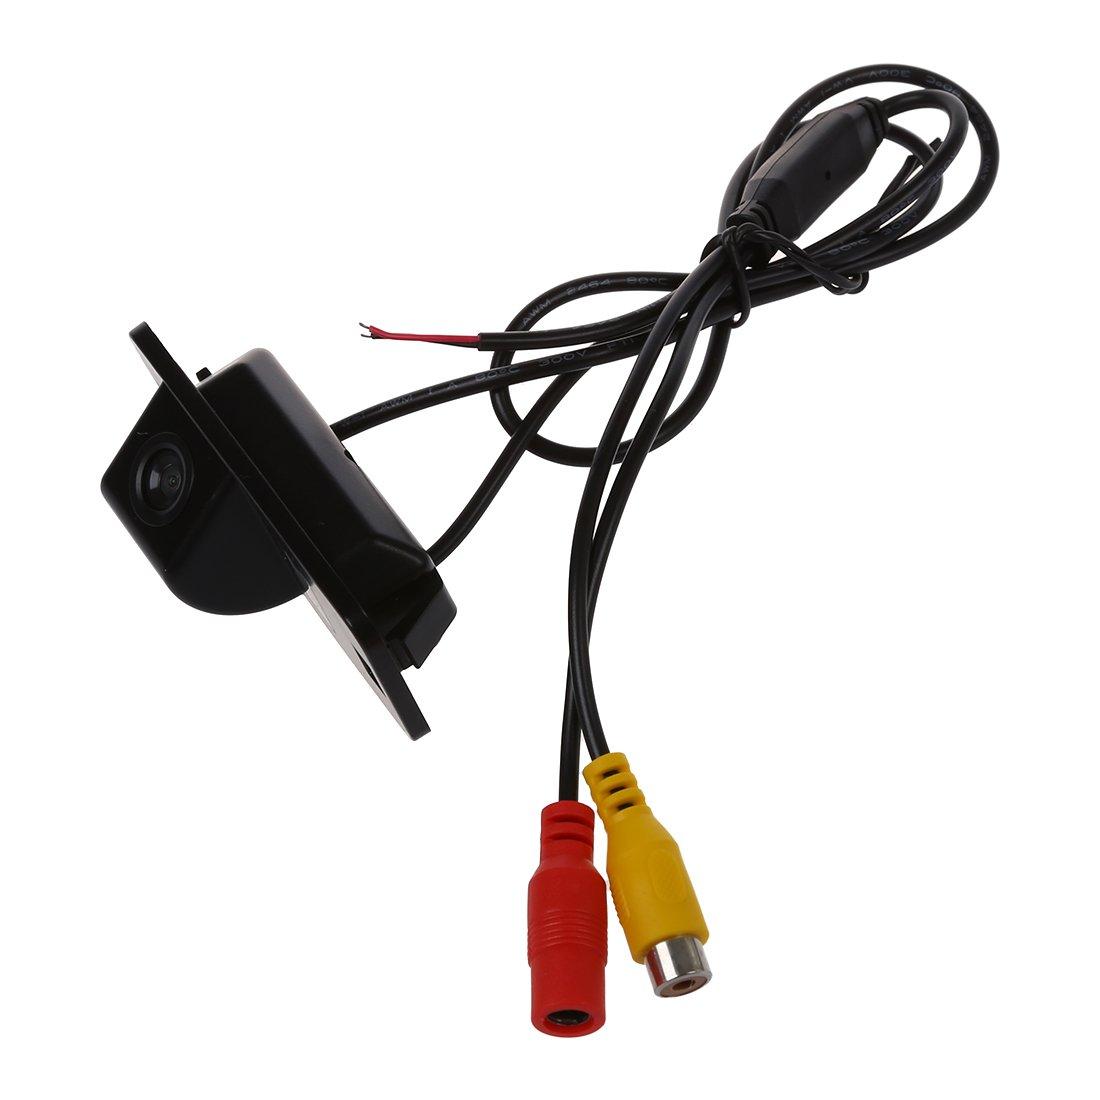 SODIAL(R) Camara de respaldo 170 grado 1/4 'negro CMOS Para BMW E39 E46 E53 1/3/5 x3 x5 x6 LEPACA1756